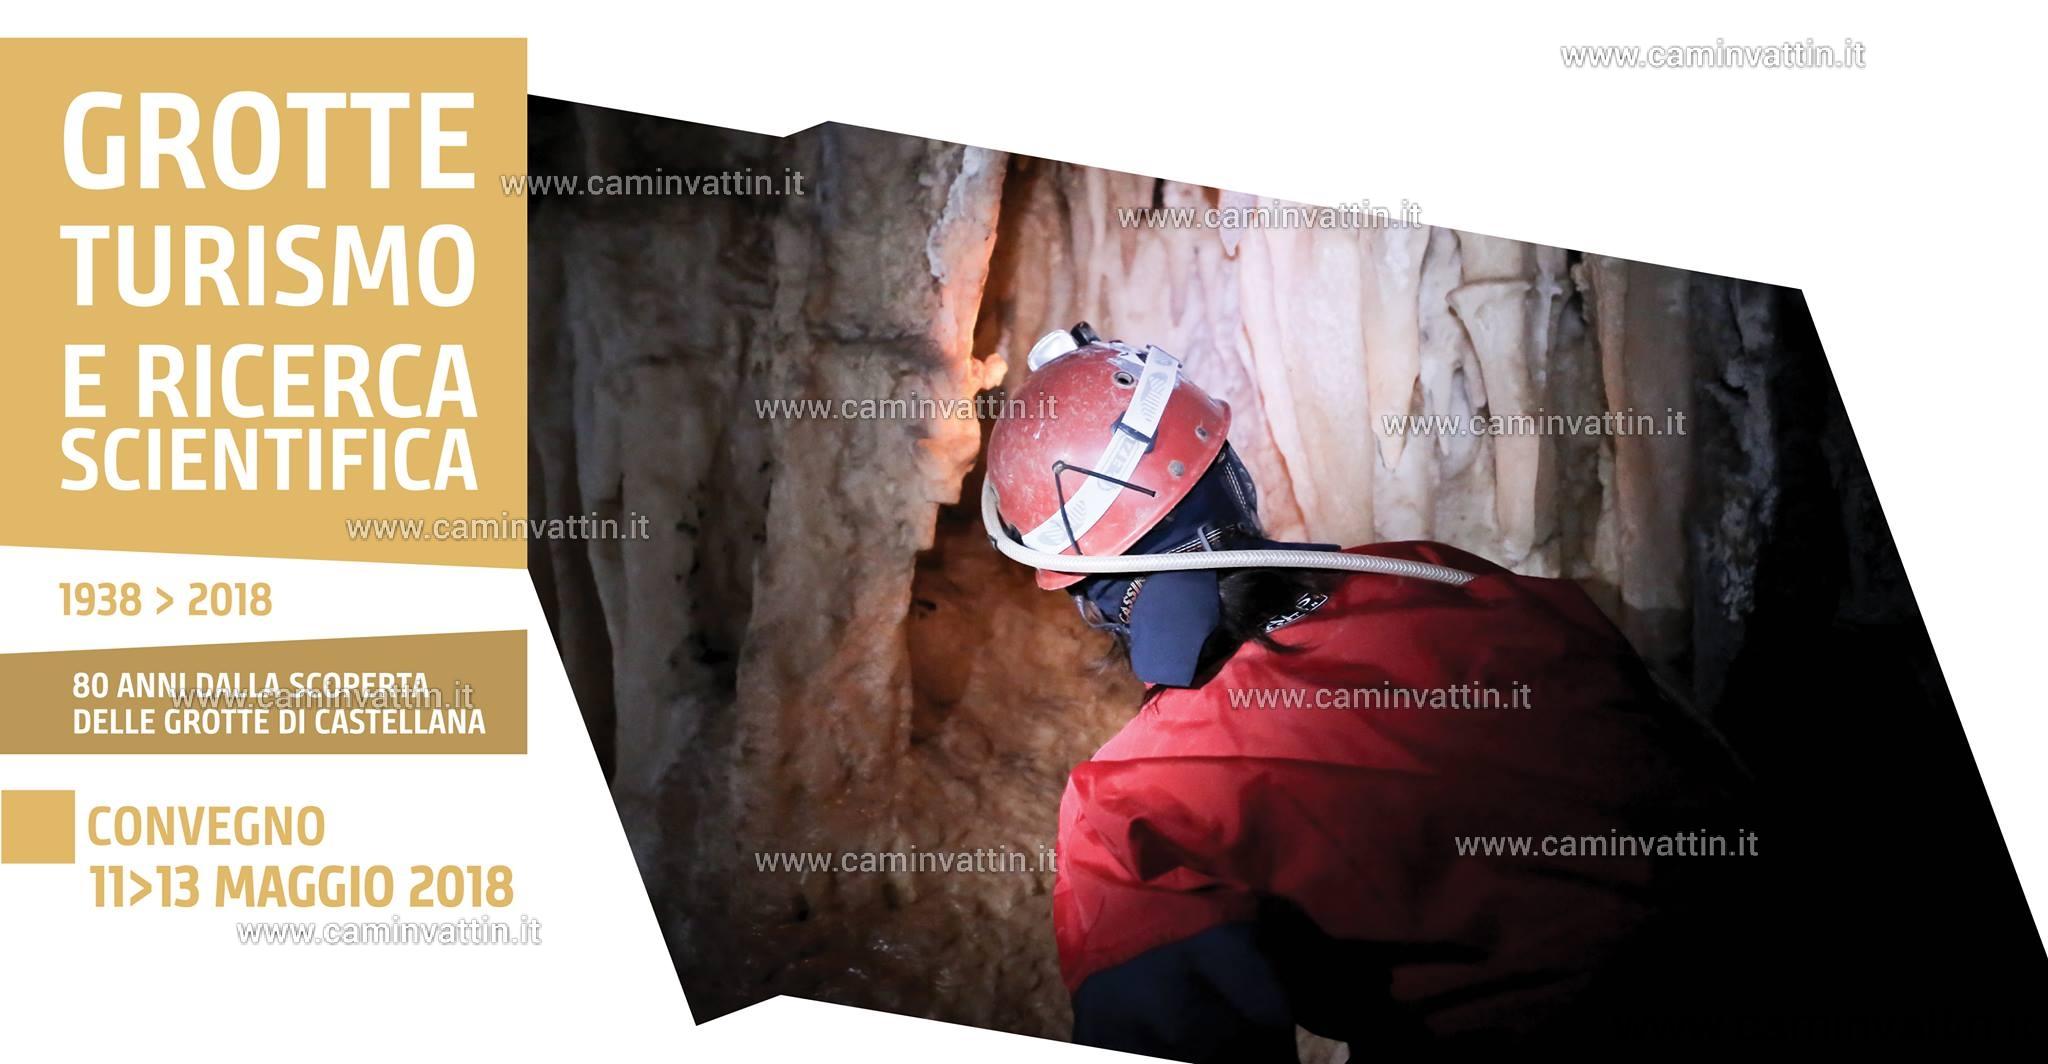 Grotte Turismo e Ricerca Scientifica 80 anni dalla scoperta delle Grotte di Castellana